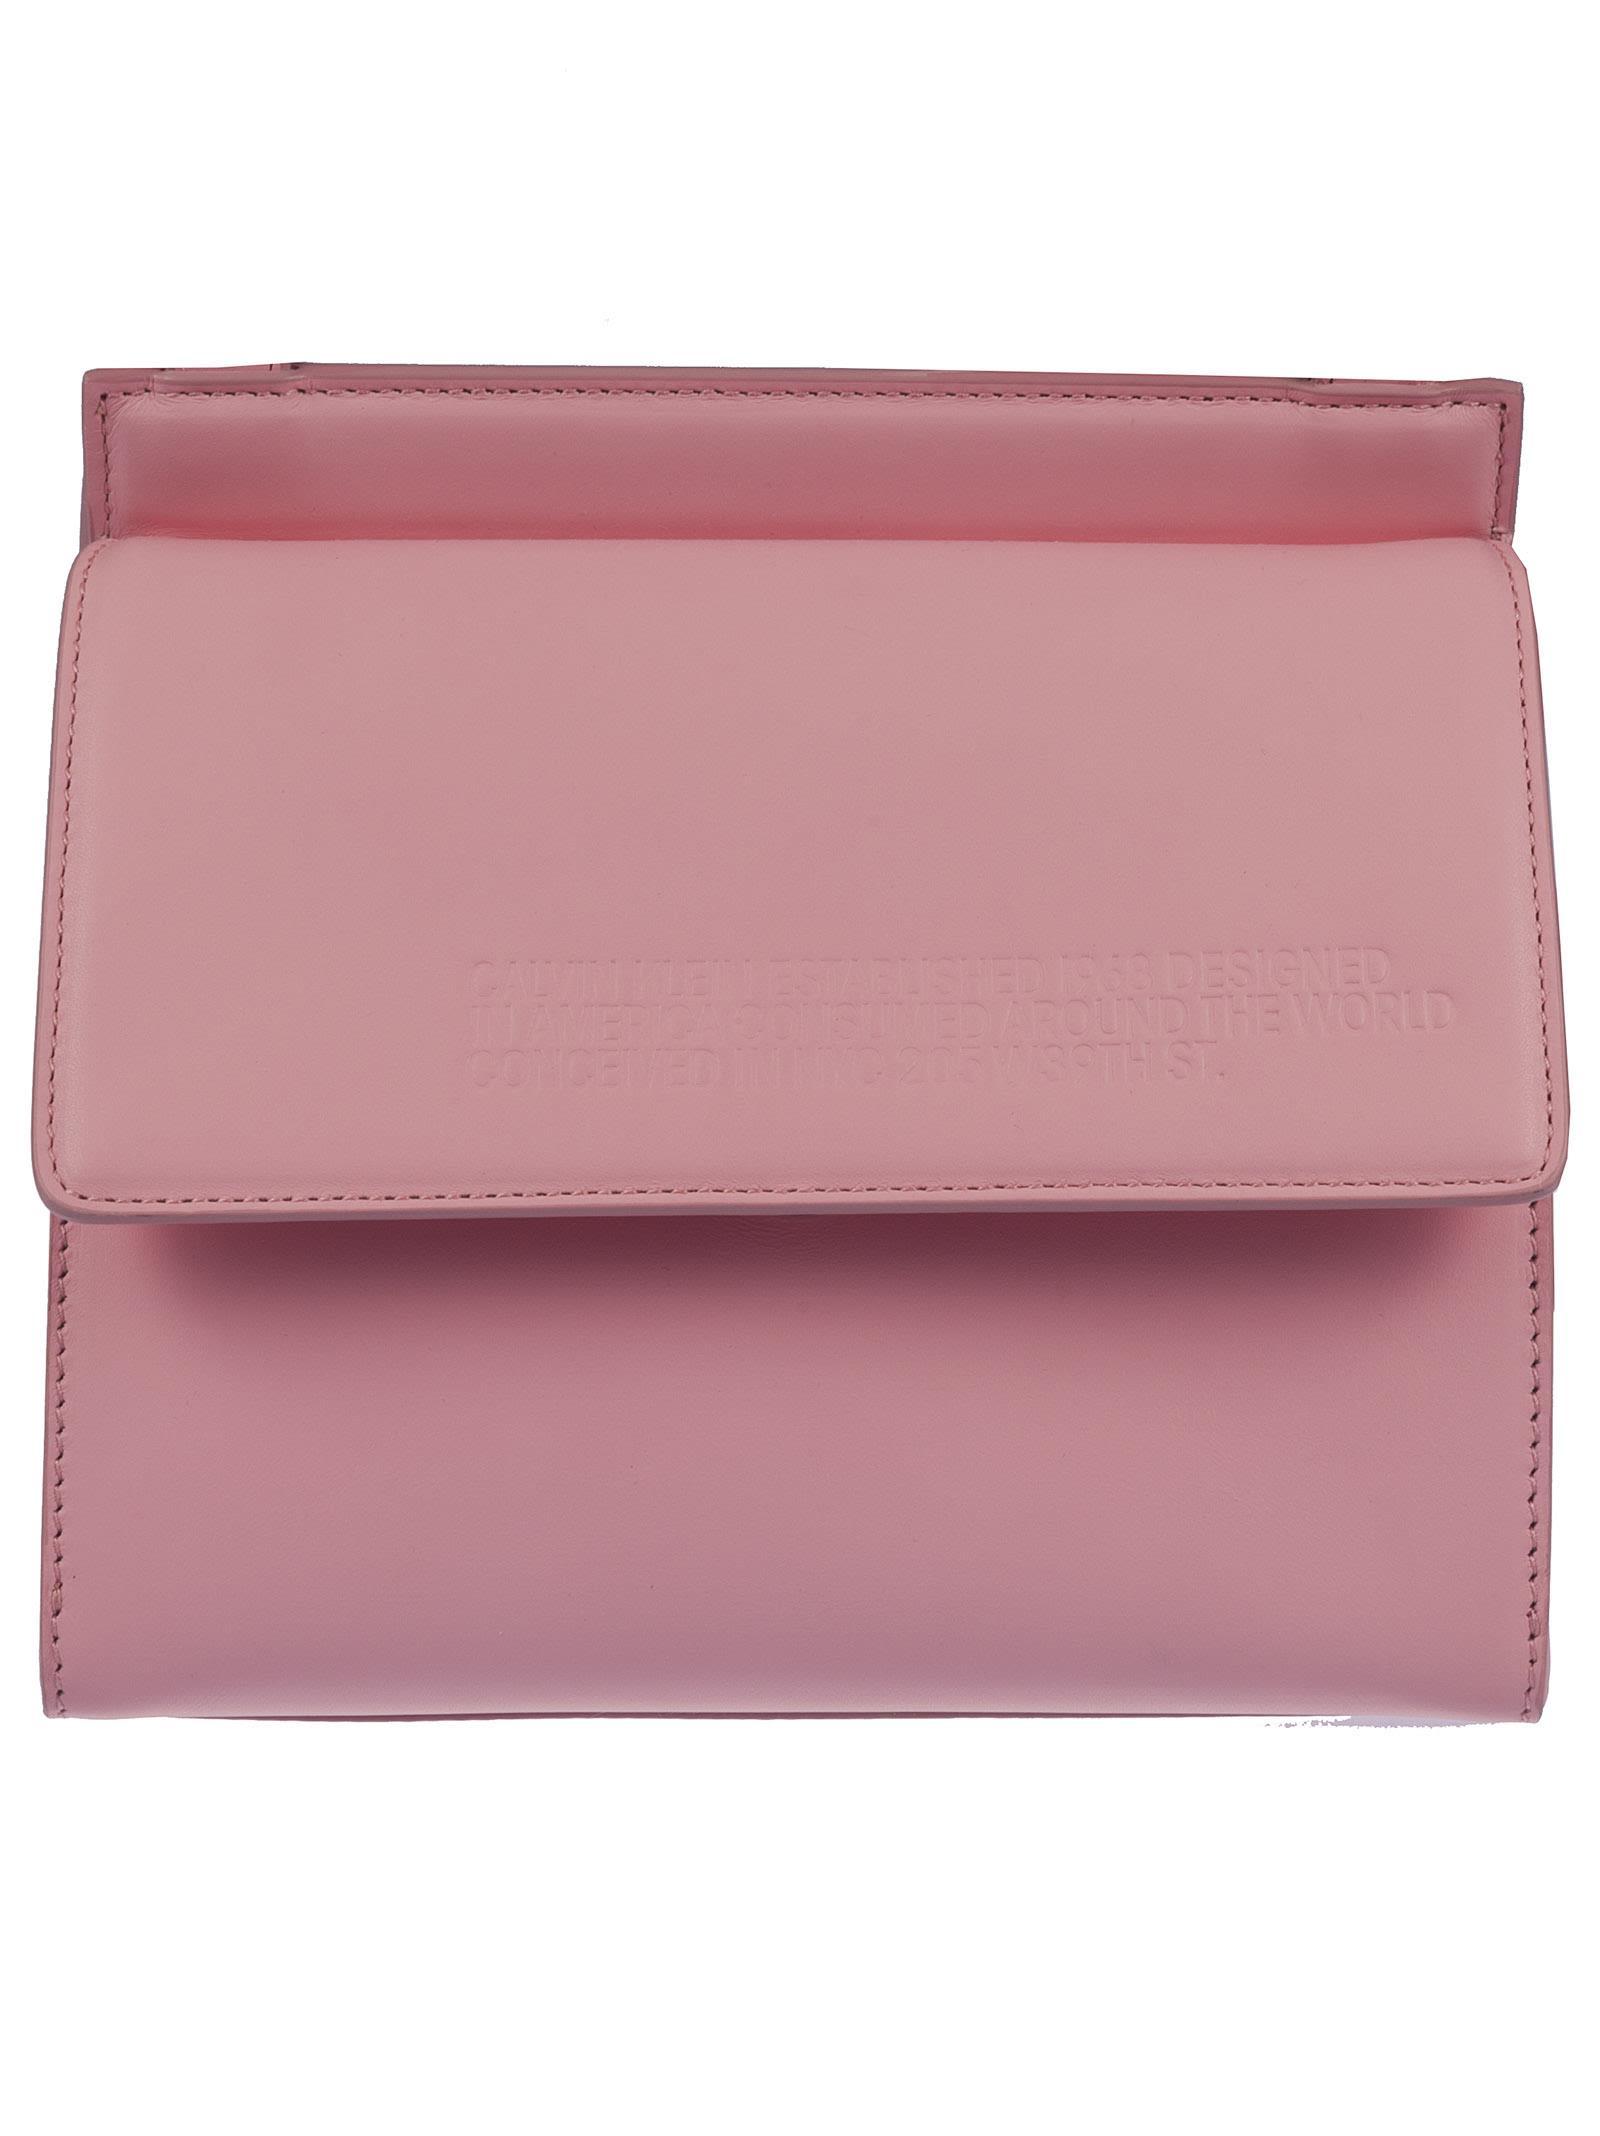 Calvin Klein Structured Shoulder Bag